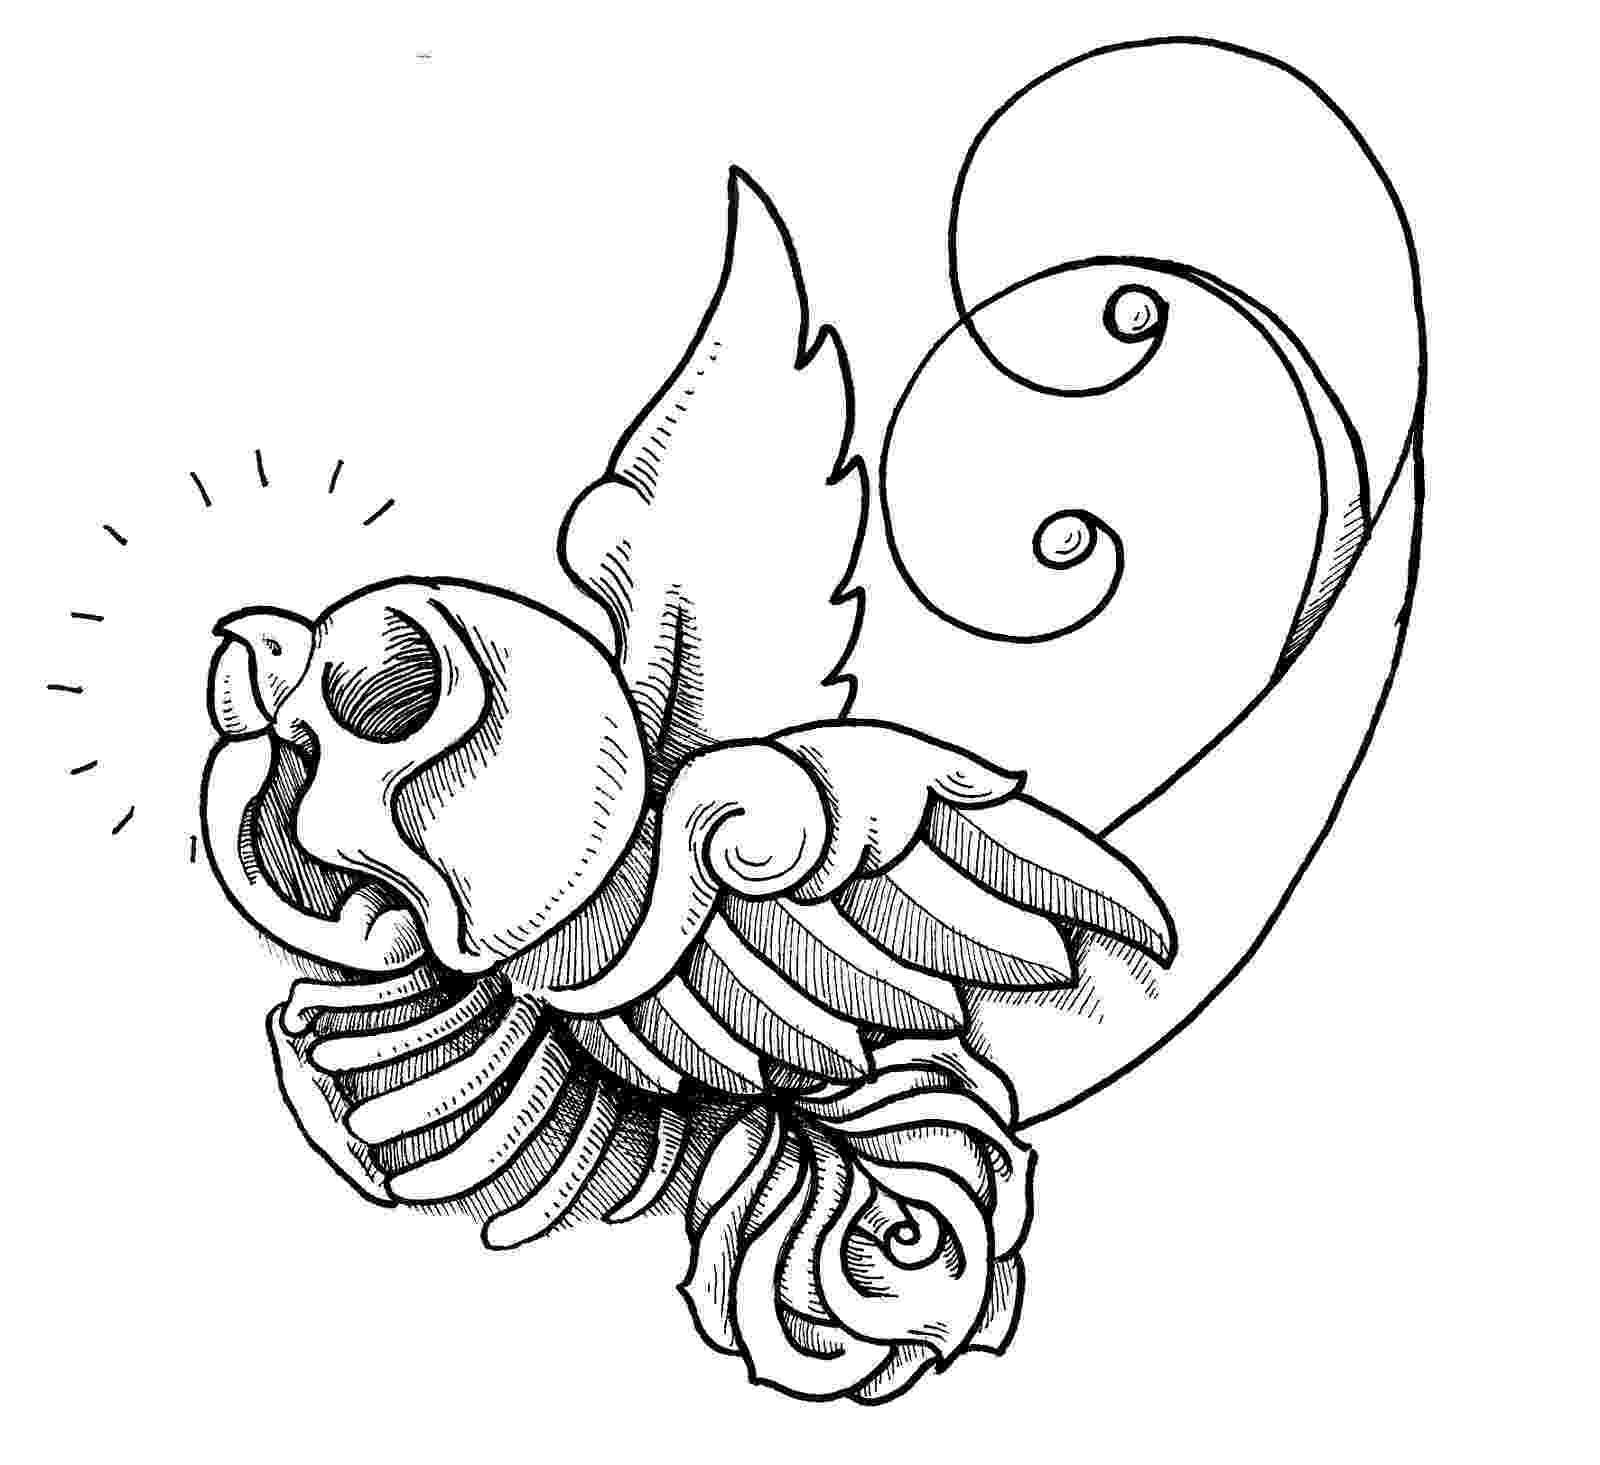 dibujos de golondrinas golondrina vector de stock tribaliumivanka 27132651 de golondrinas dibujos